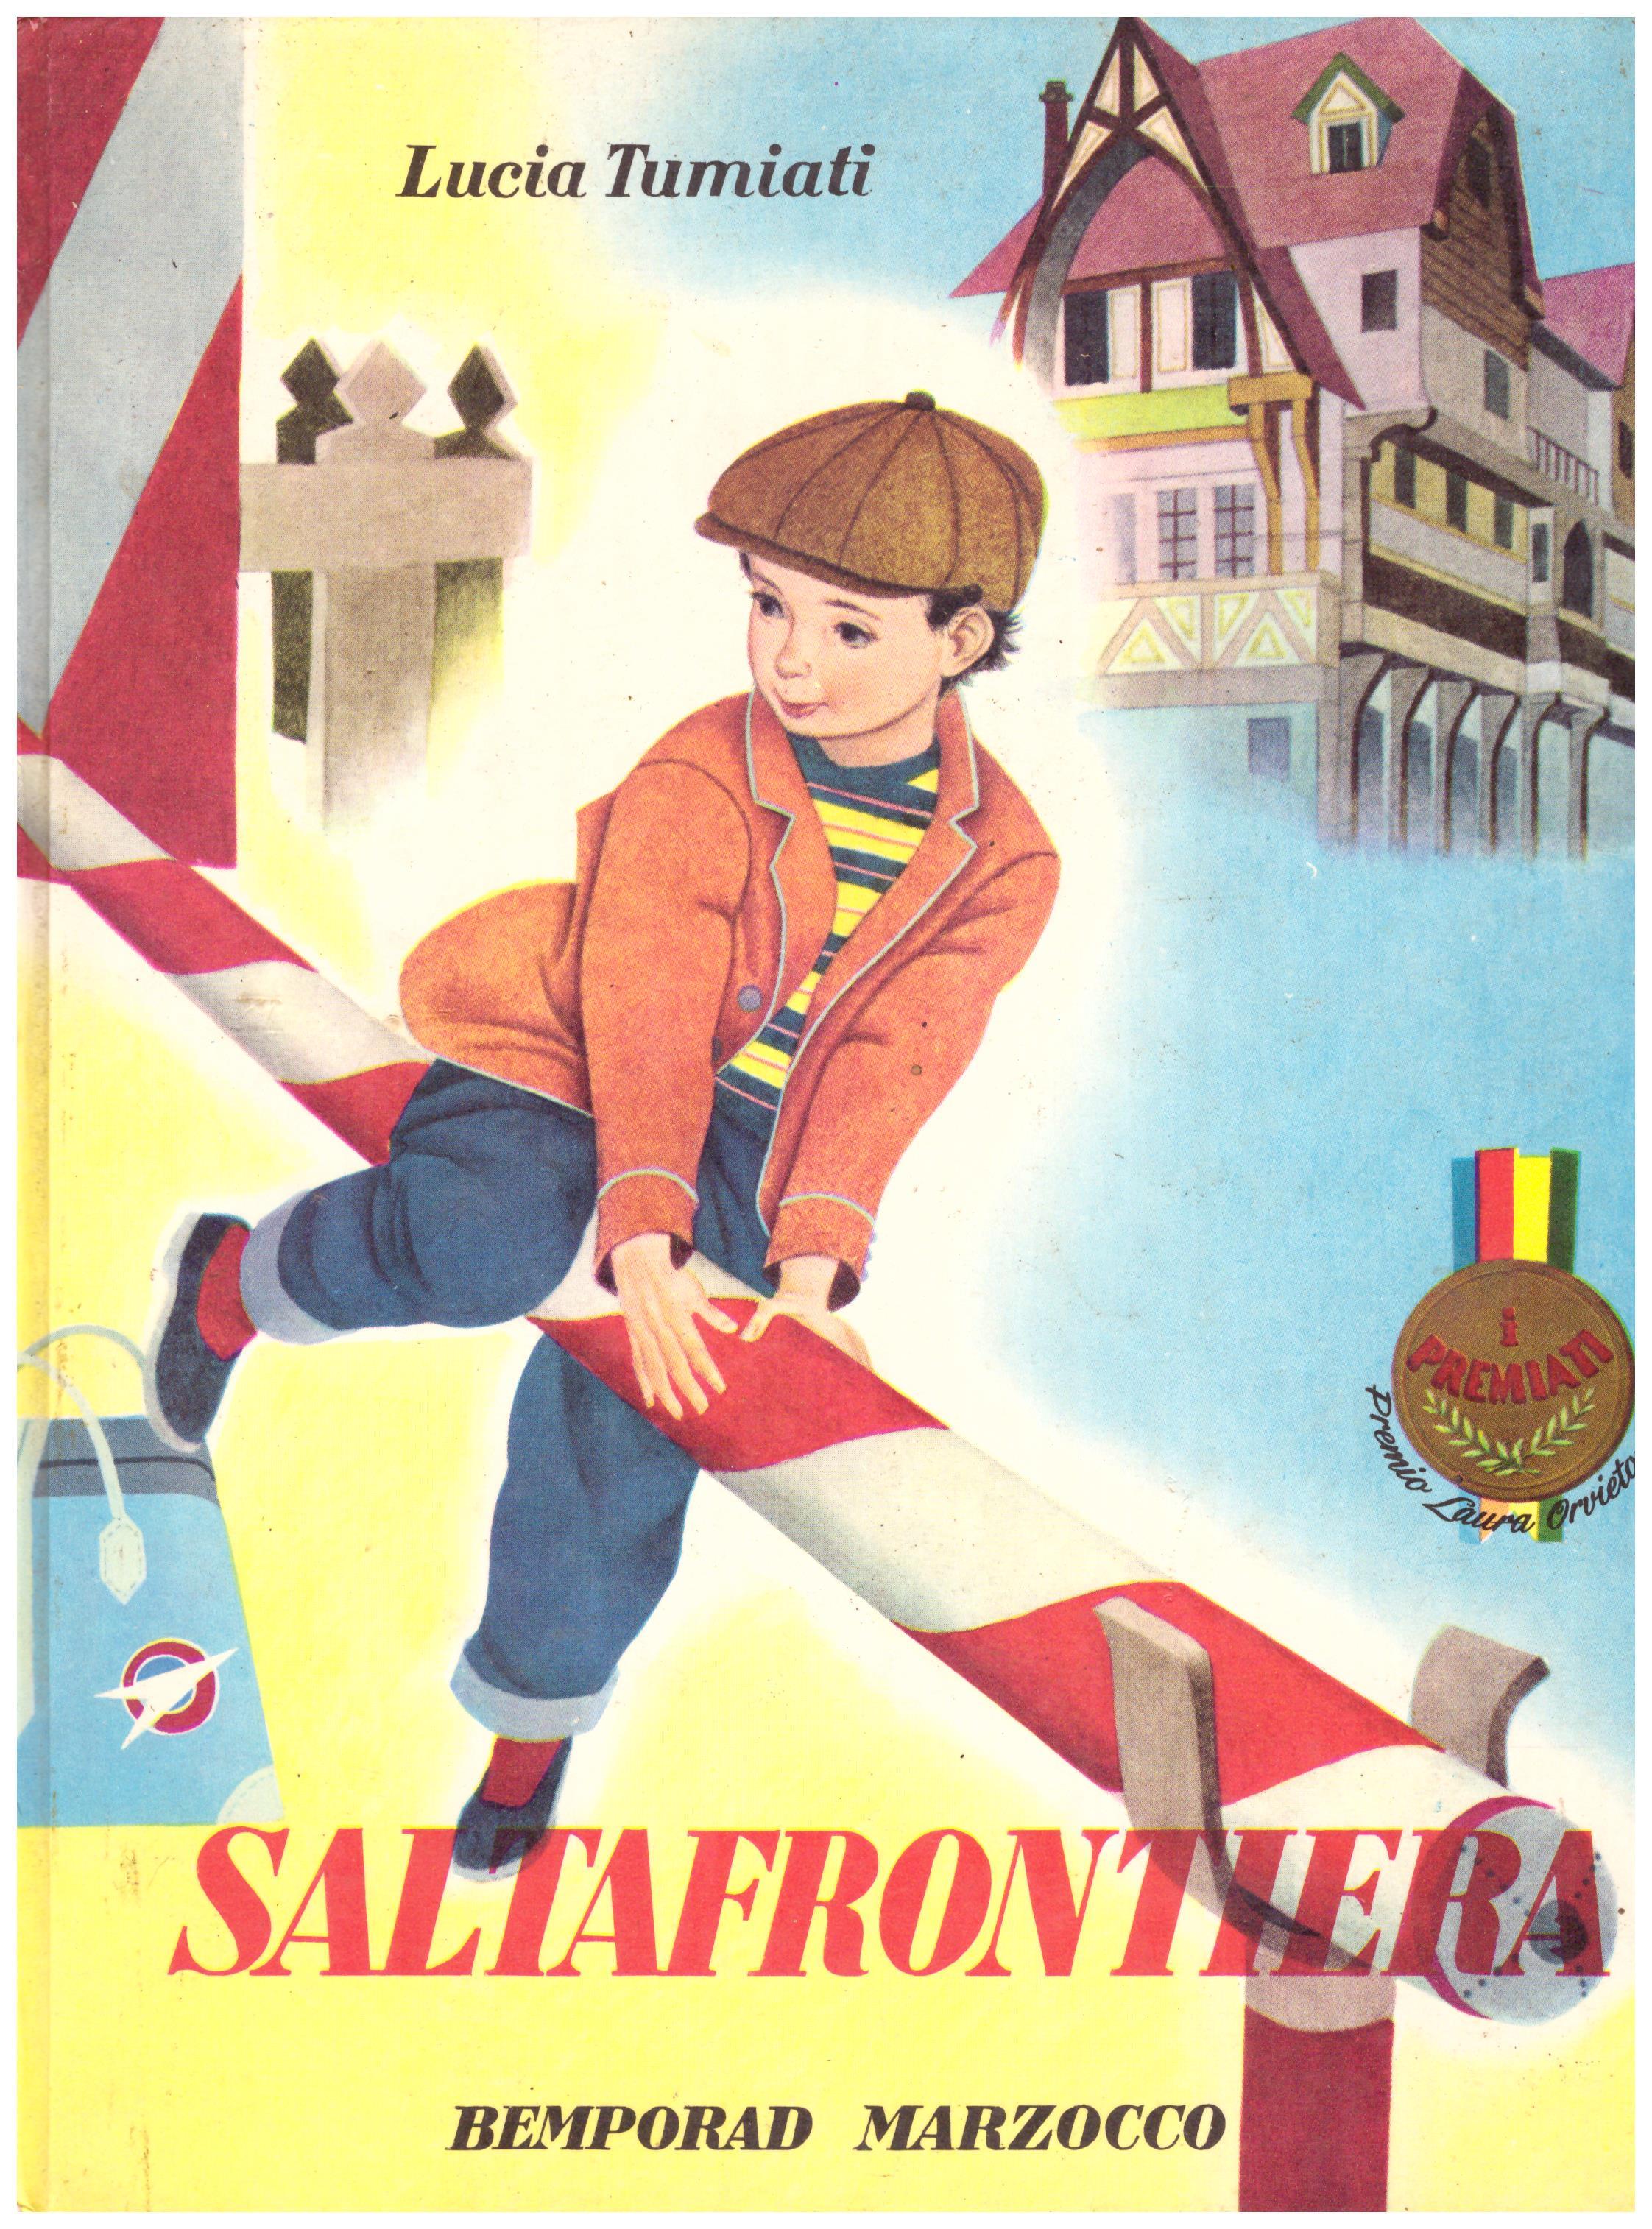 Titolo: Saltafrontiera  Autore: Lucia Tumiati Editore: Marzocco 1968